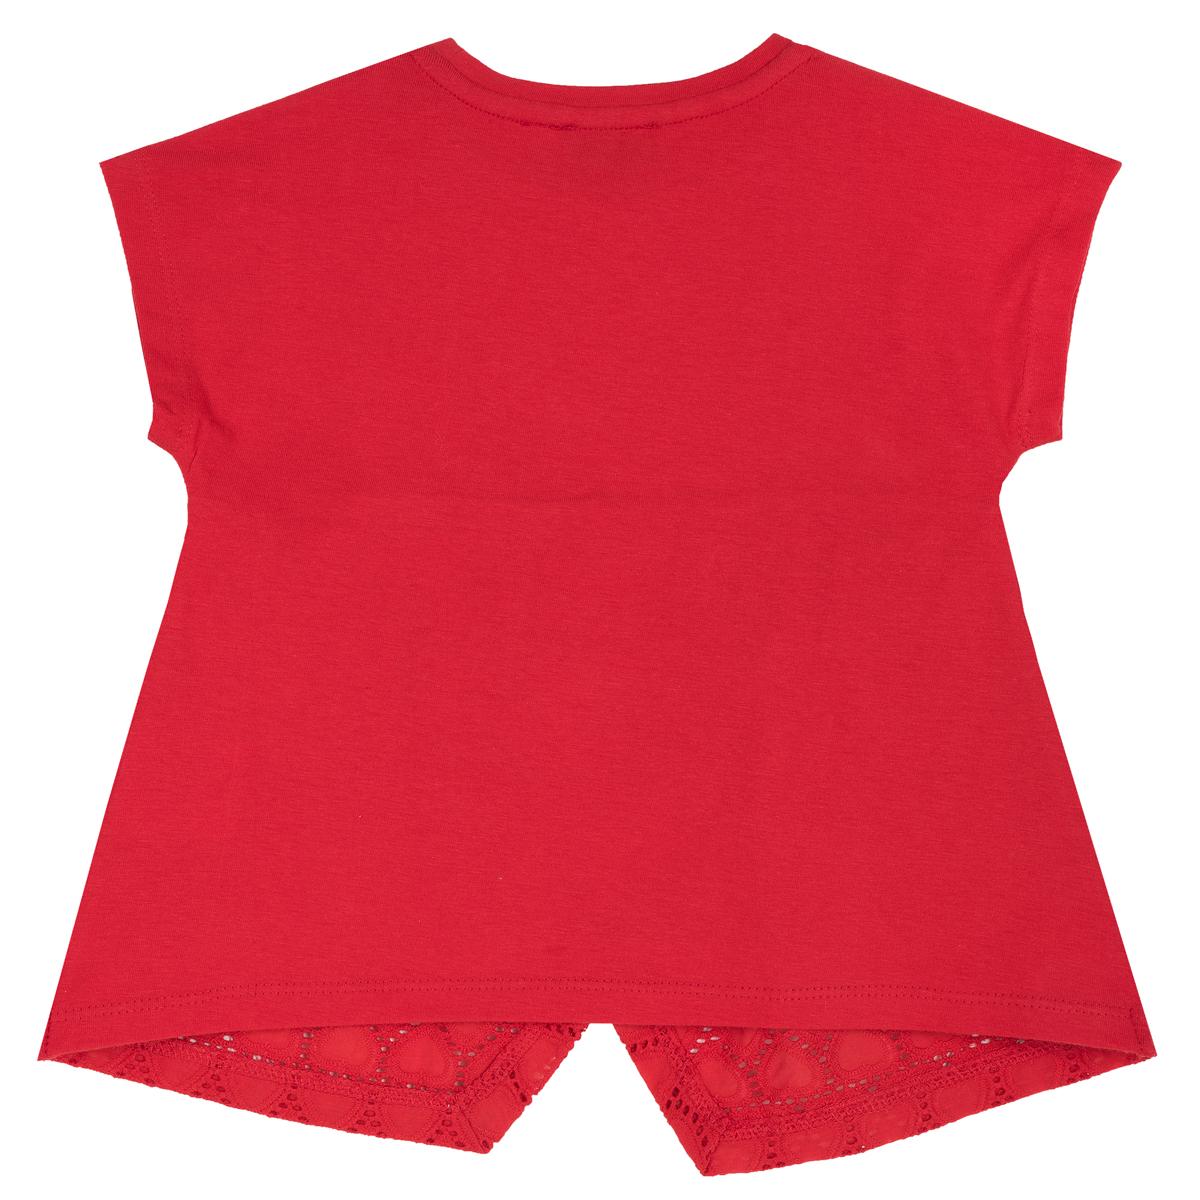 Tricou copii Chicco, dantela si fundita, rosu, 06661 din categoria Tricouri copii